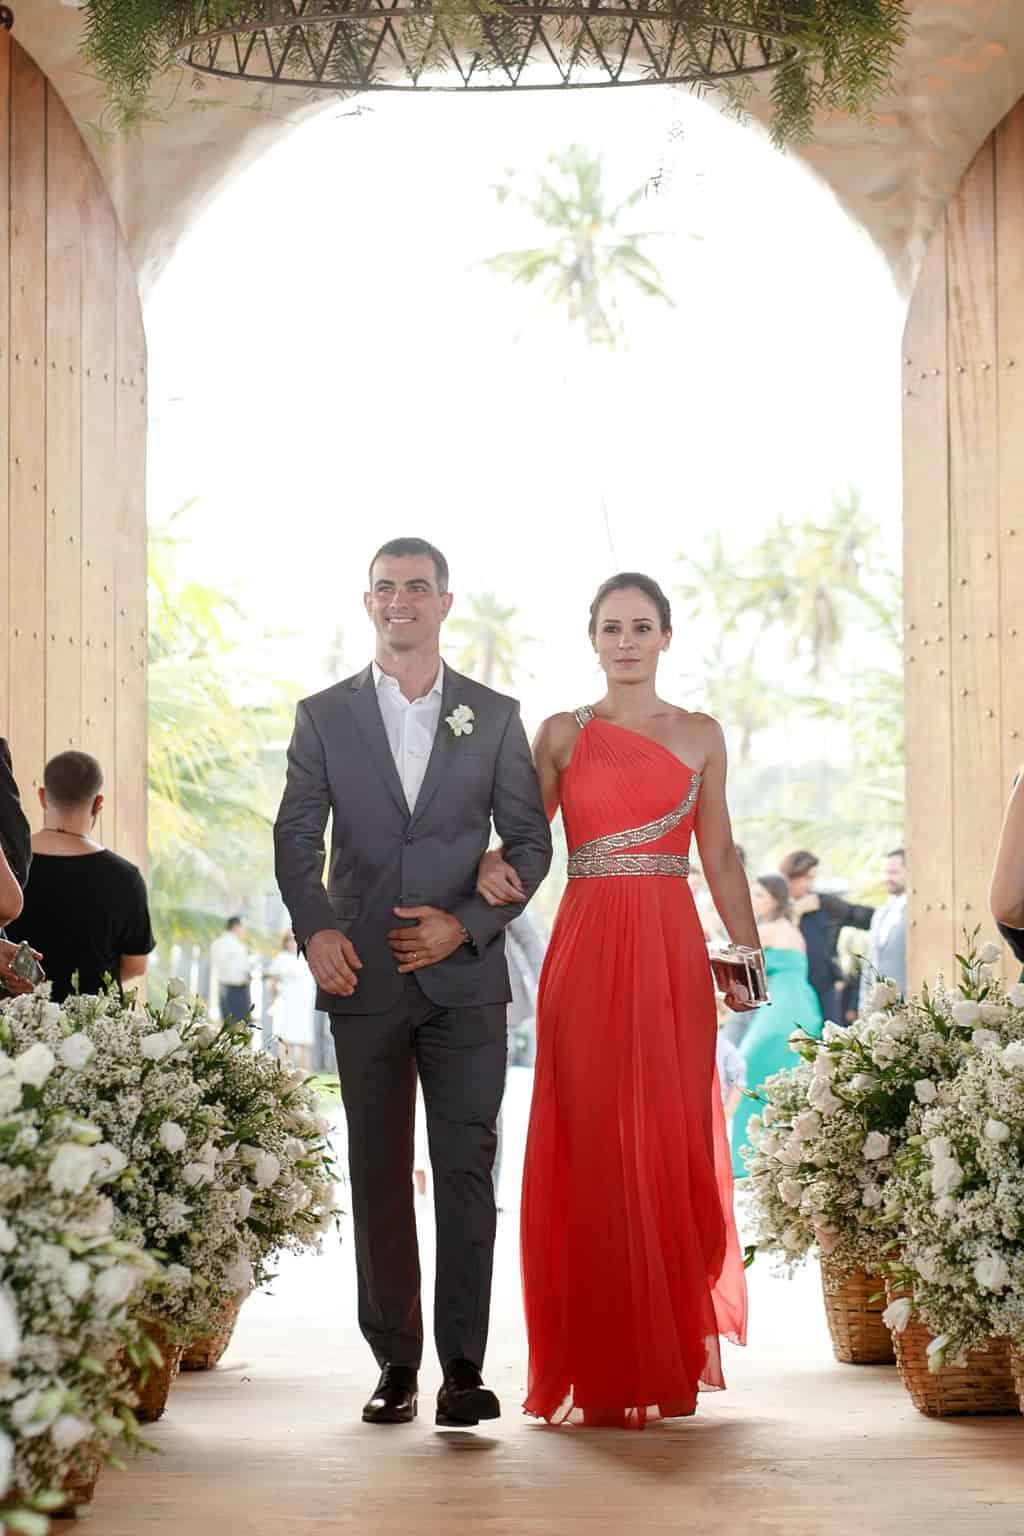 AL-Aline-e-Mauricio-capela-dos-milagres-casamento-casamento-na-praia-cortejo-madrinhas-padrinhos64